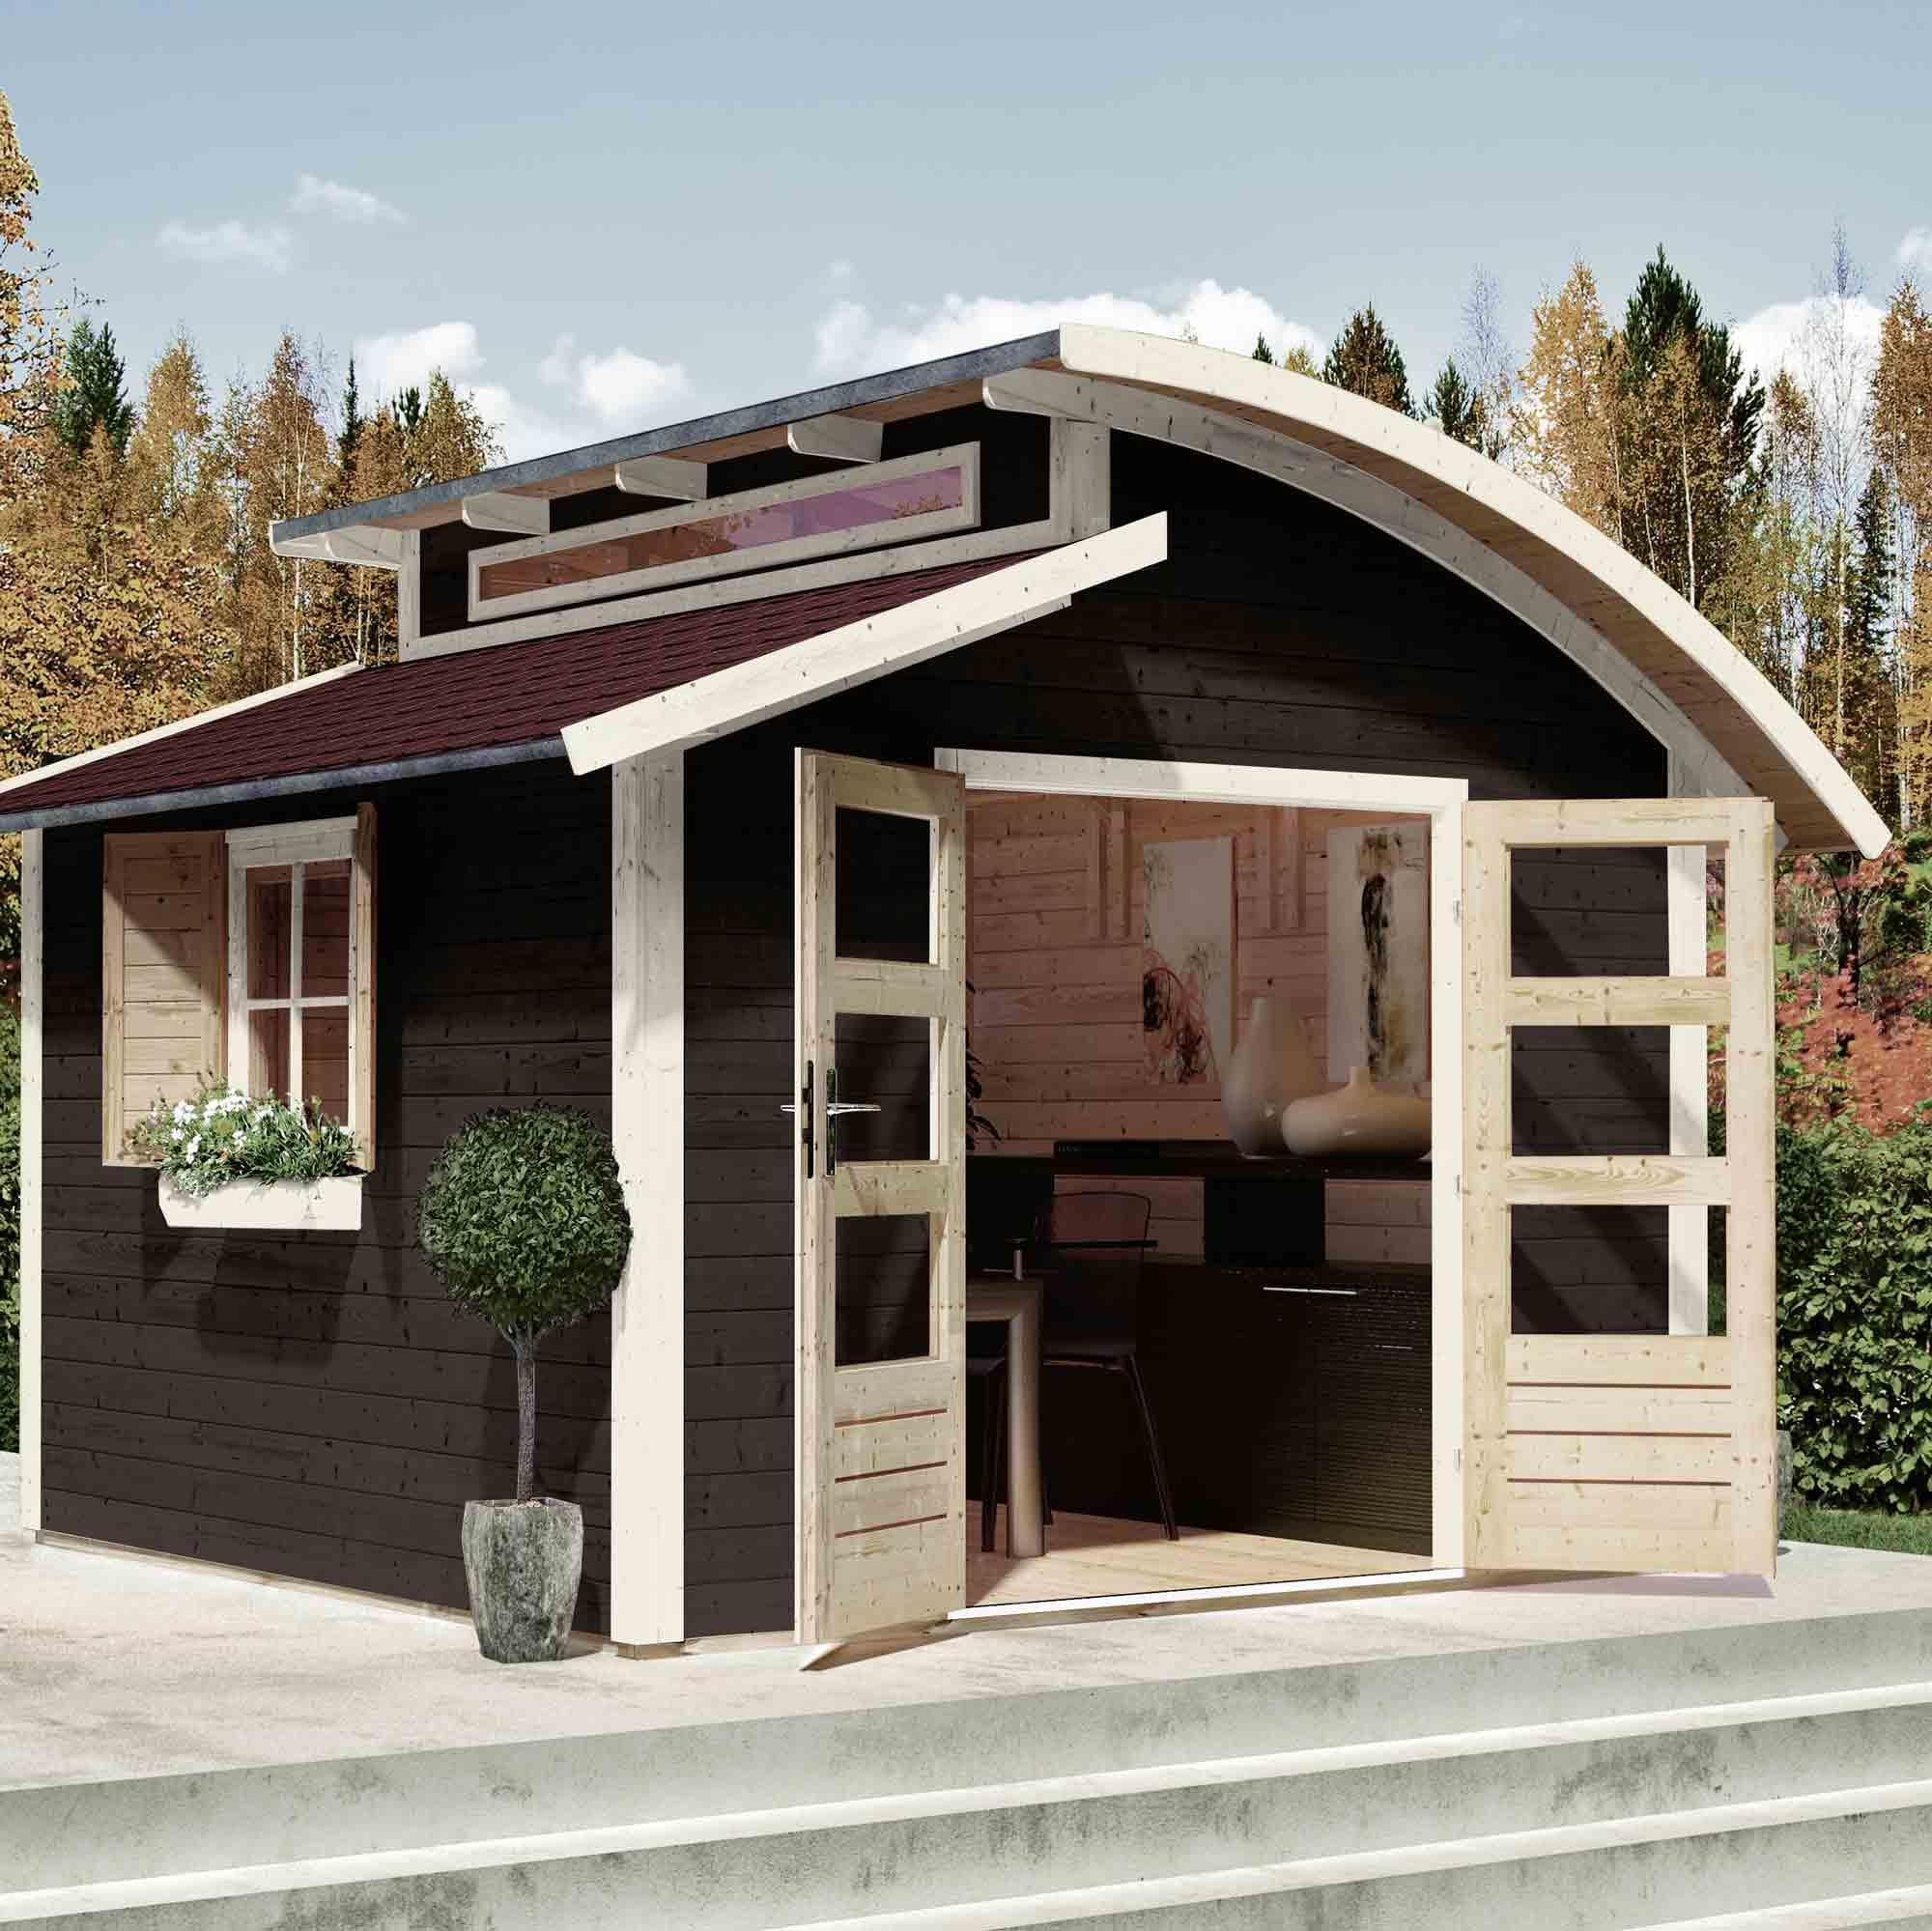 Gartenhäuser aus Holz mit hellen Fenster- und Türrahmen – HolzLand Verbeek